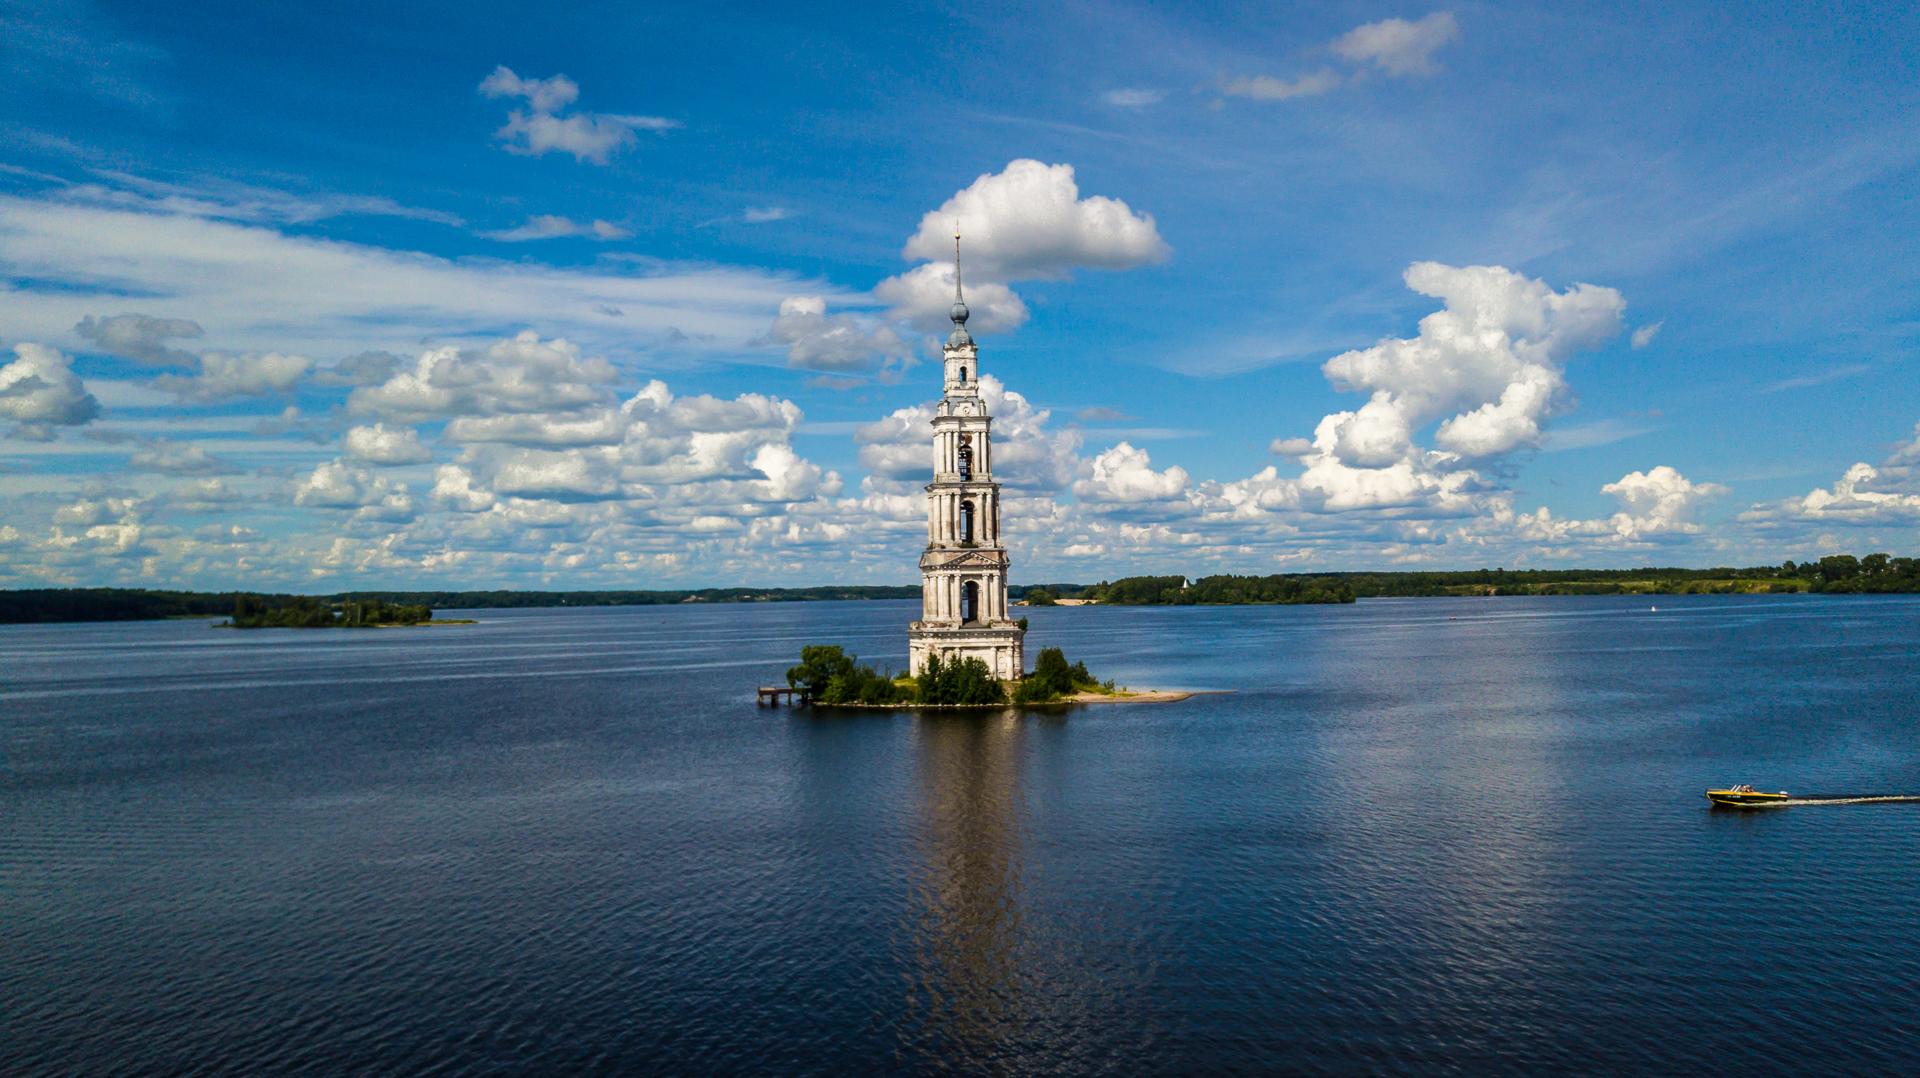 Тверской туристский форум пройдет в новом формате